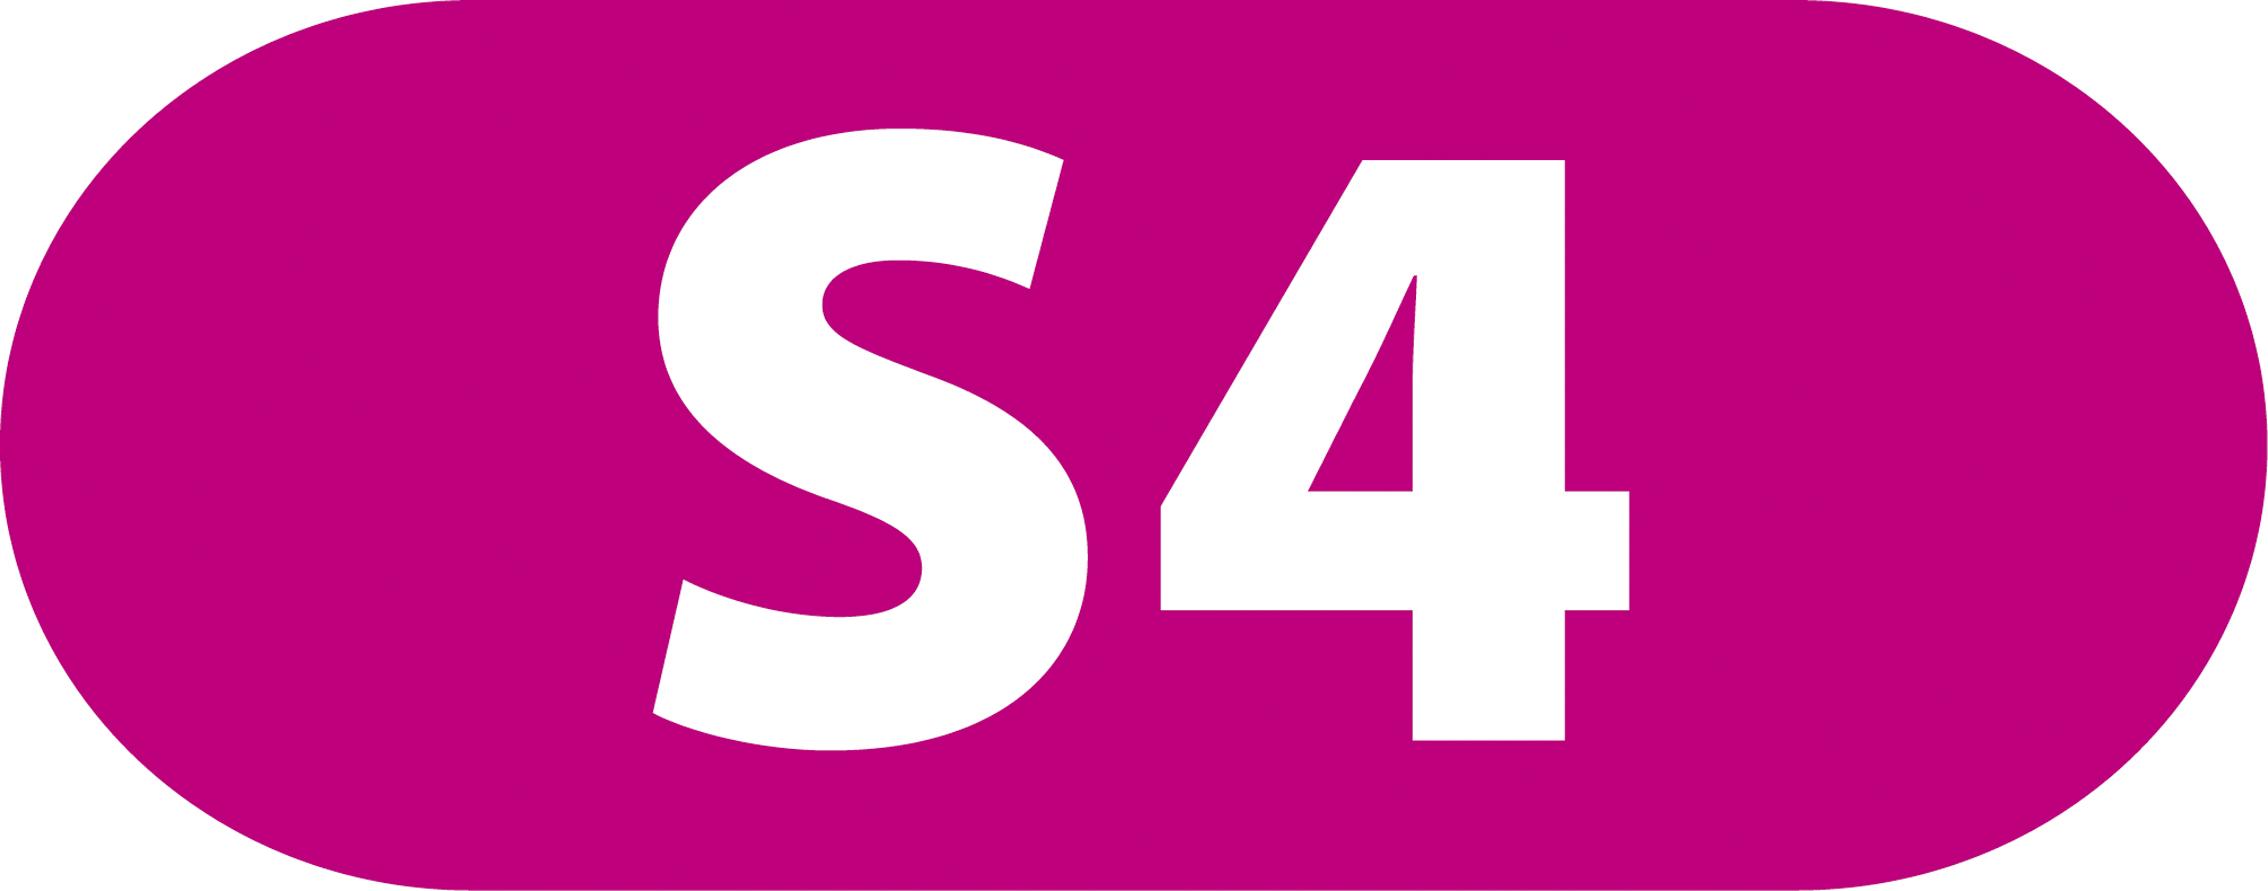 Bildergebnis für logo s-bahn s4